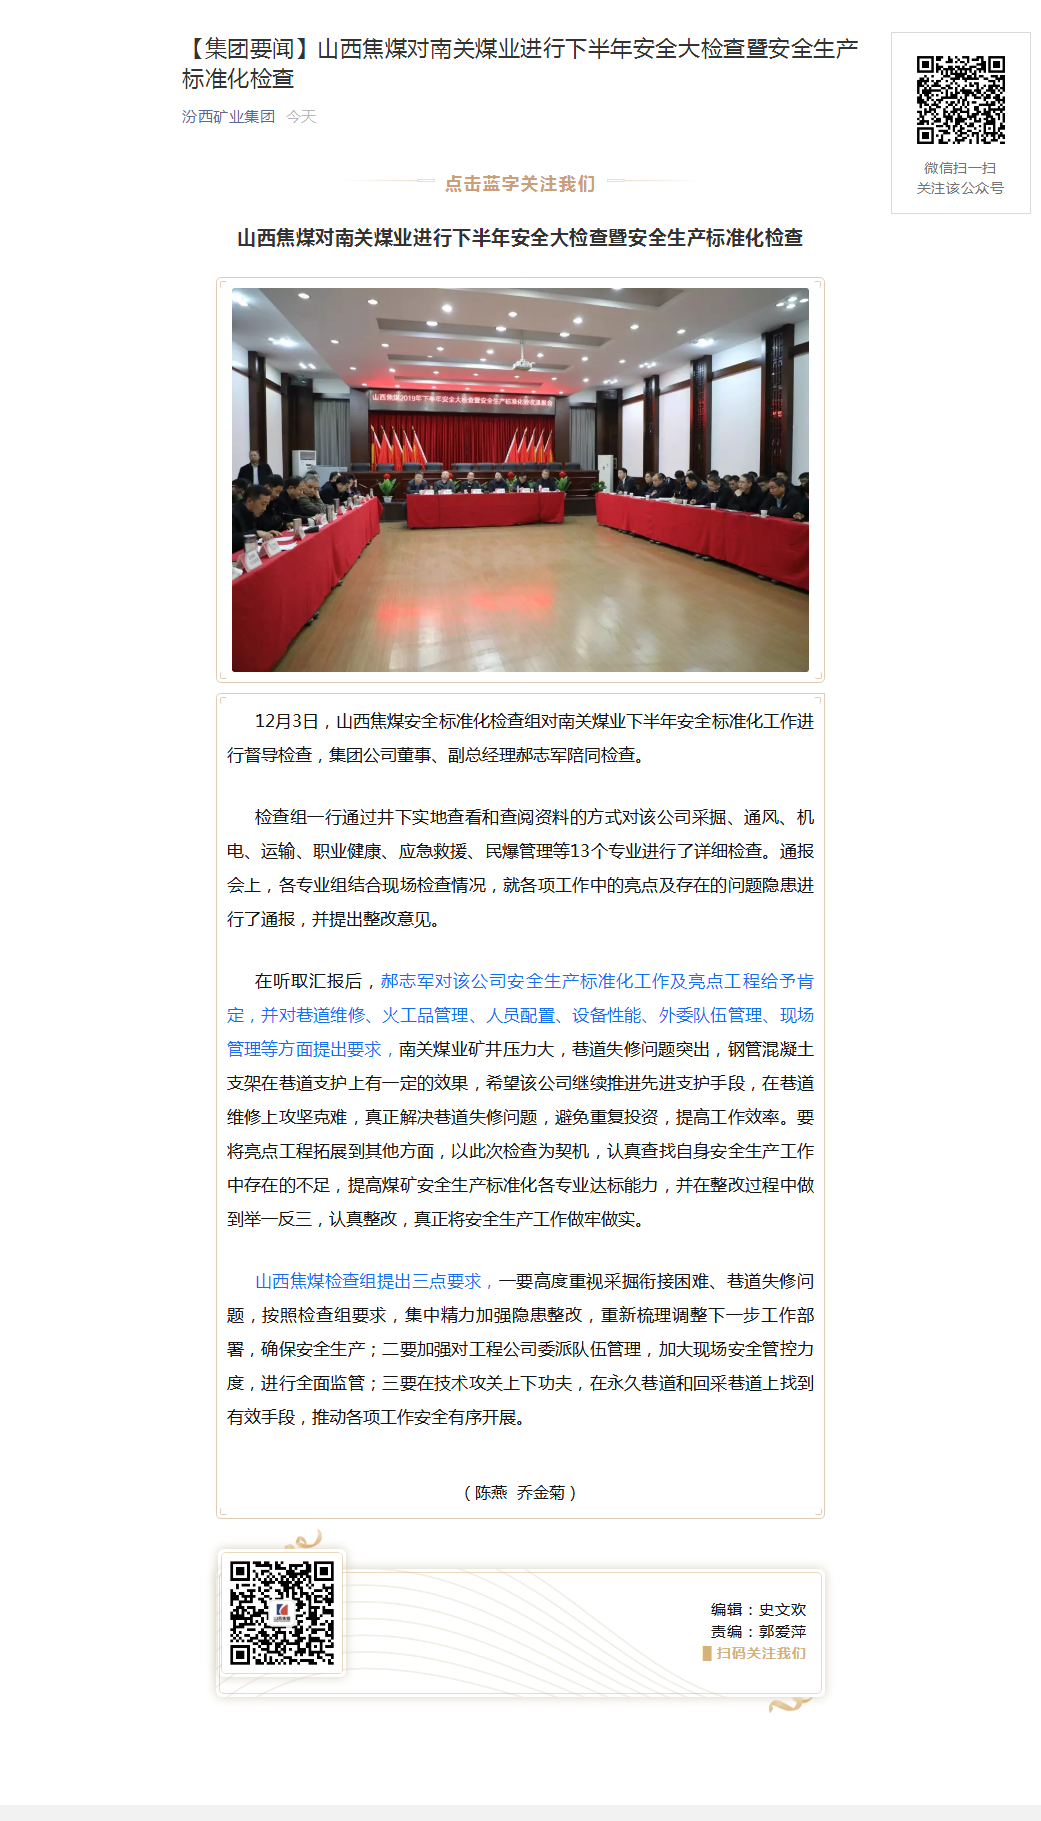 山西焦煤对南关煤业进行下半年安全大检查暨安全生产标准化检查.png